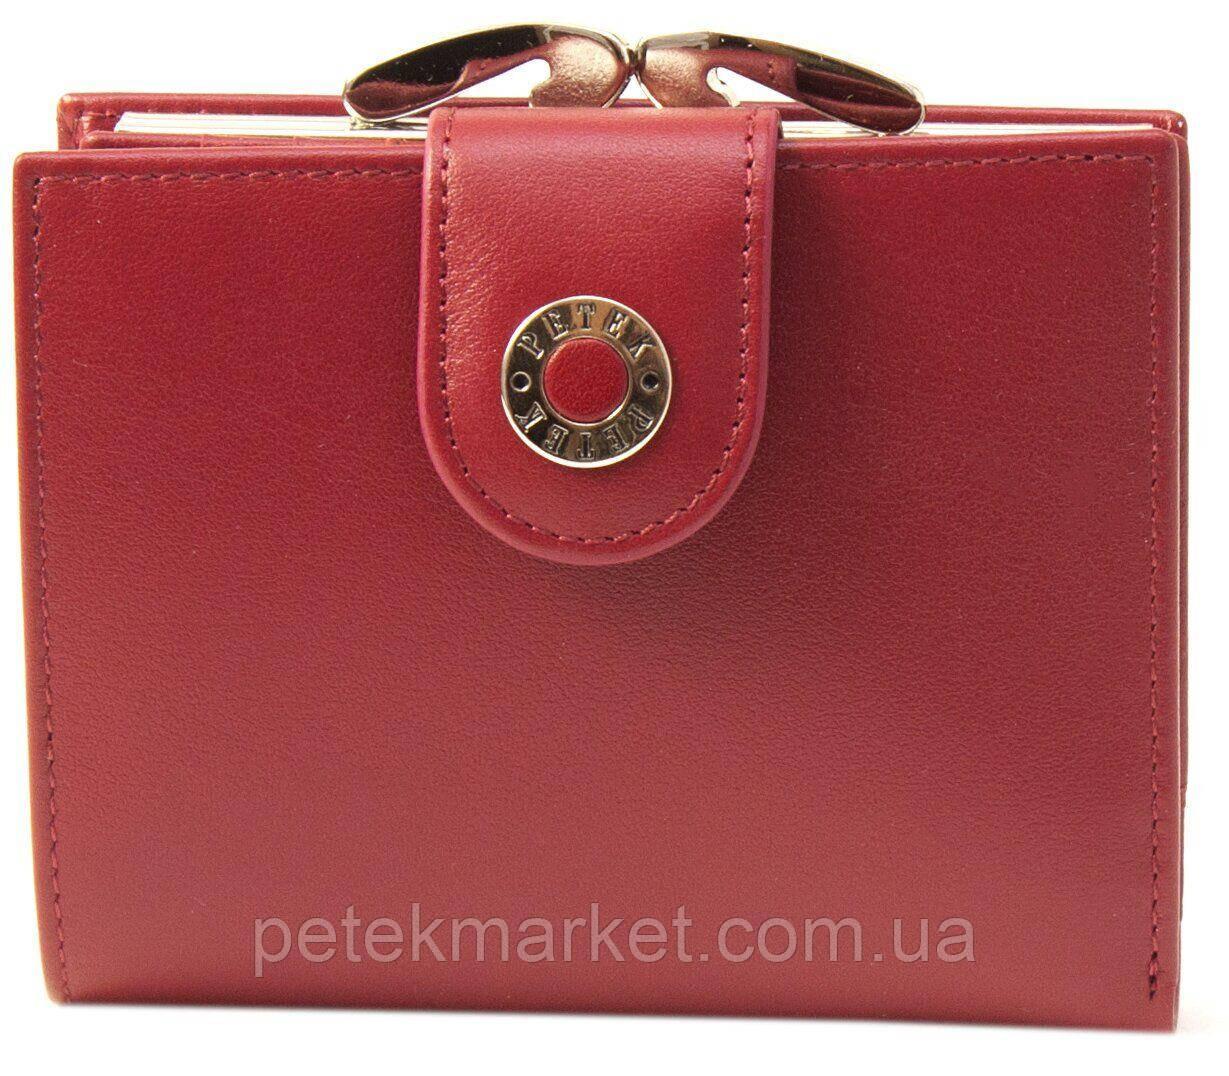 Кожаный женский кошелек Petek 336/1-4000-10